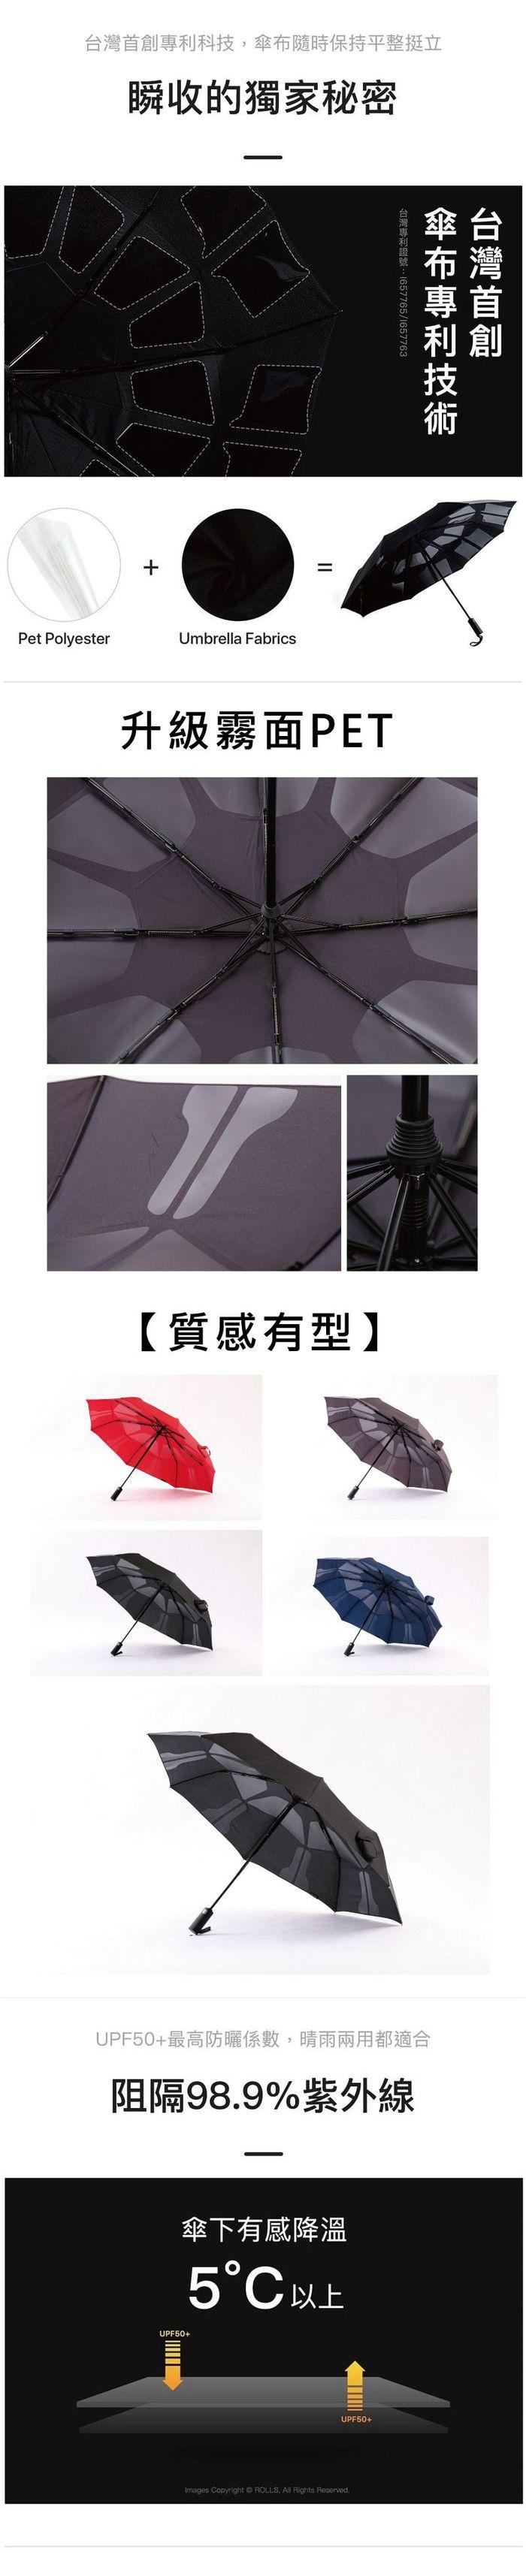 ROLLS|瞬間捲收傘(酒紅)